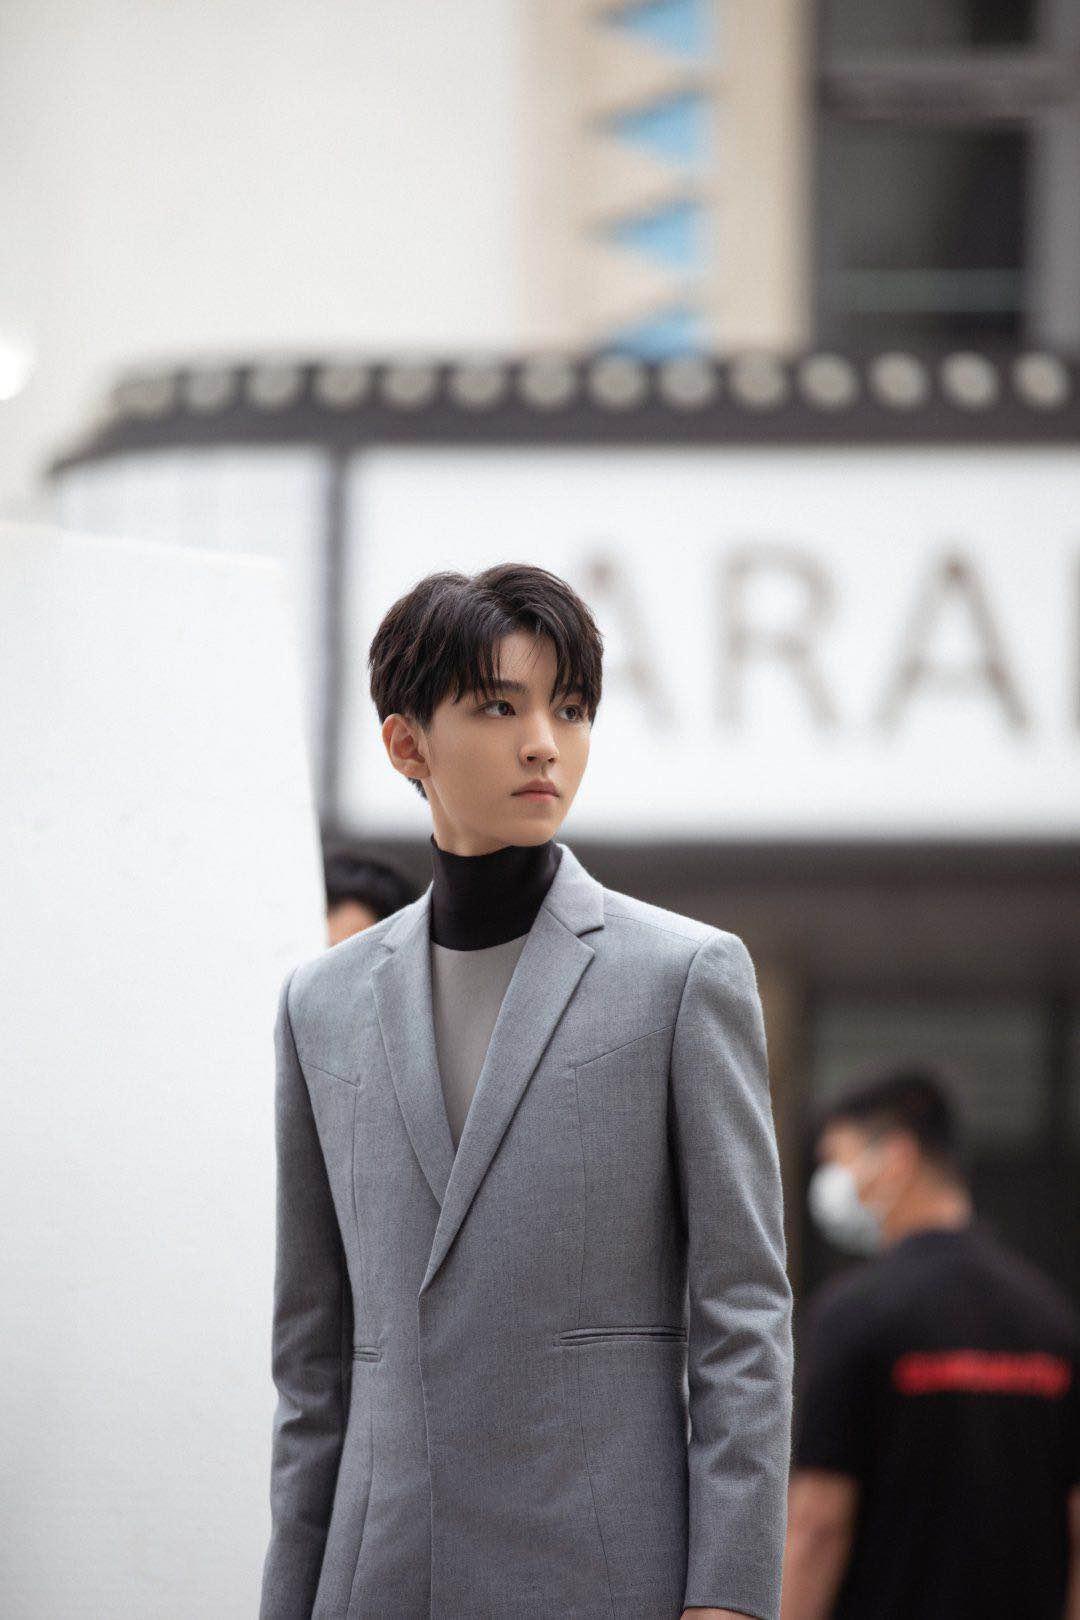 王俊凯灰色西装套装内搭高领打底衫,高级的冷色系